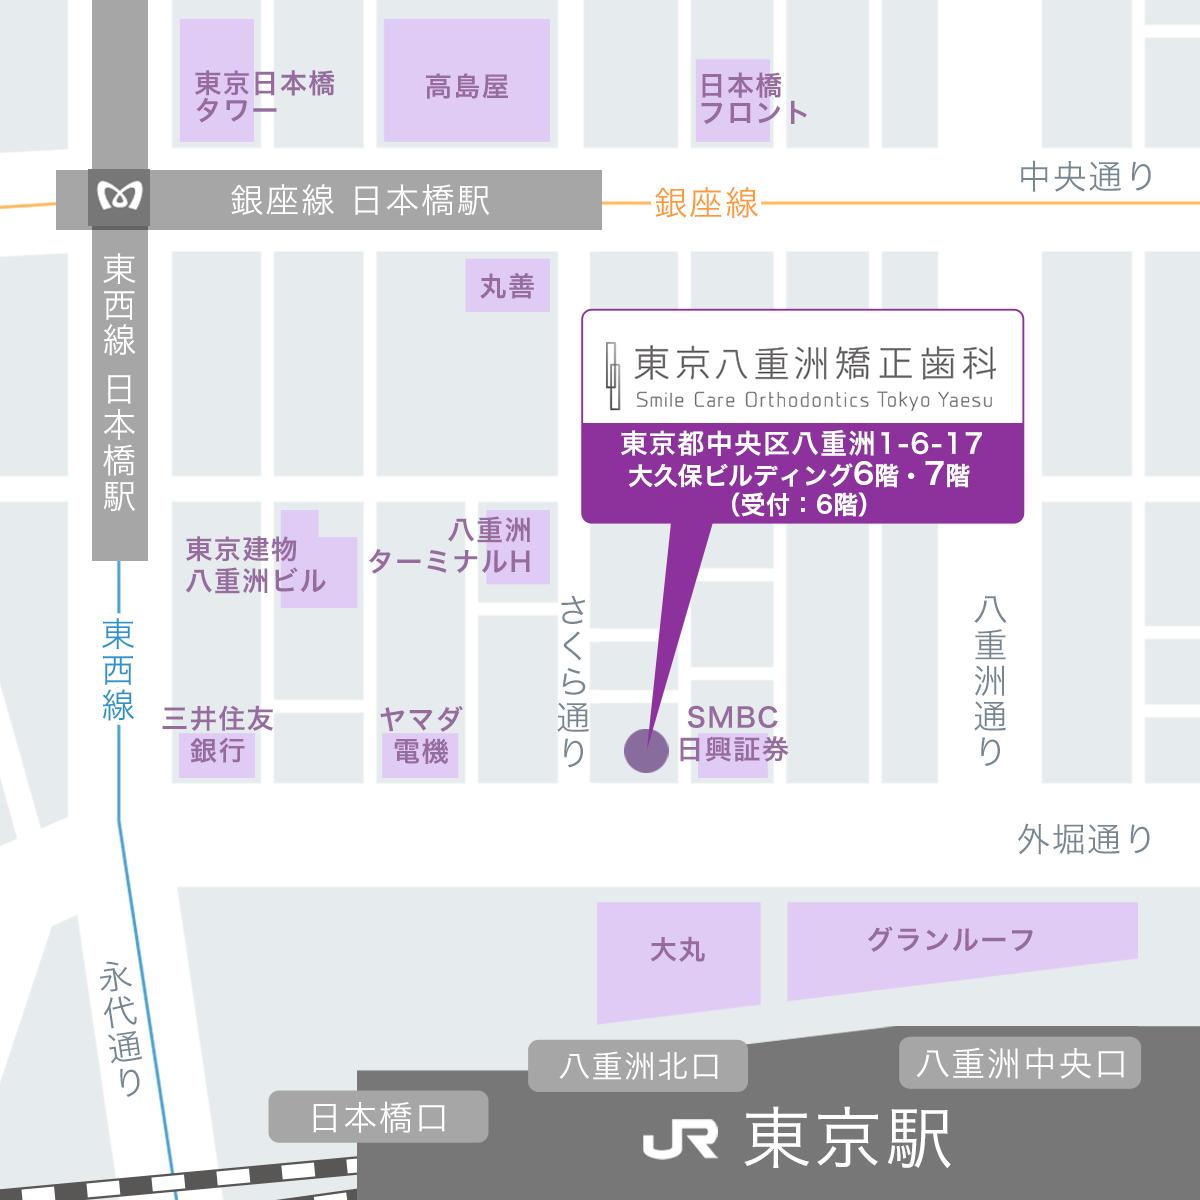 東京八重洲矯正歯科アクセスマップ・東京駅・日本橋・京橋・大手町からのアクセスが便利です。